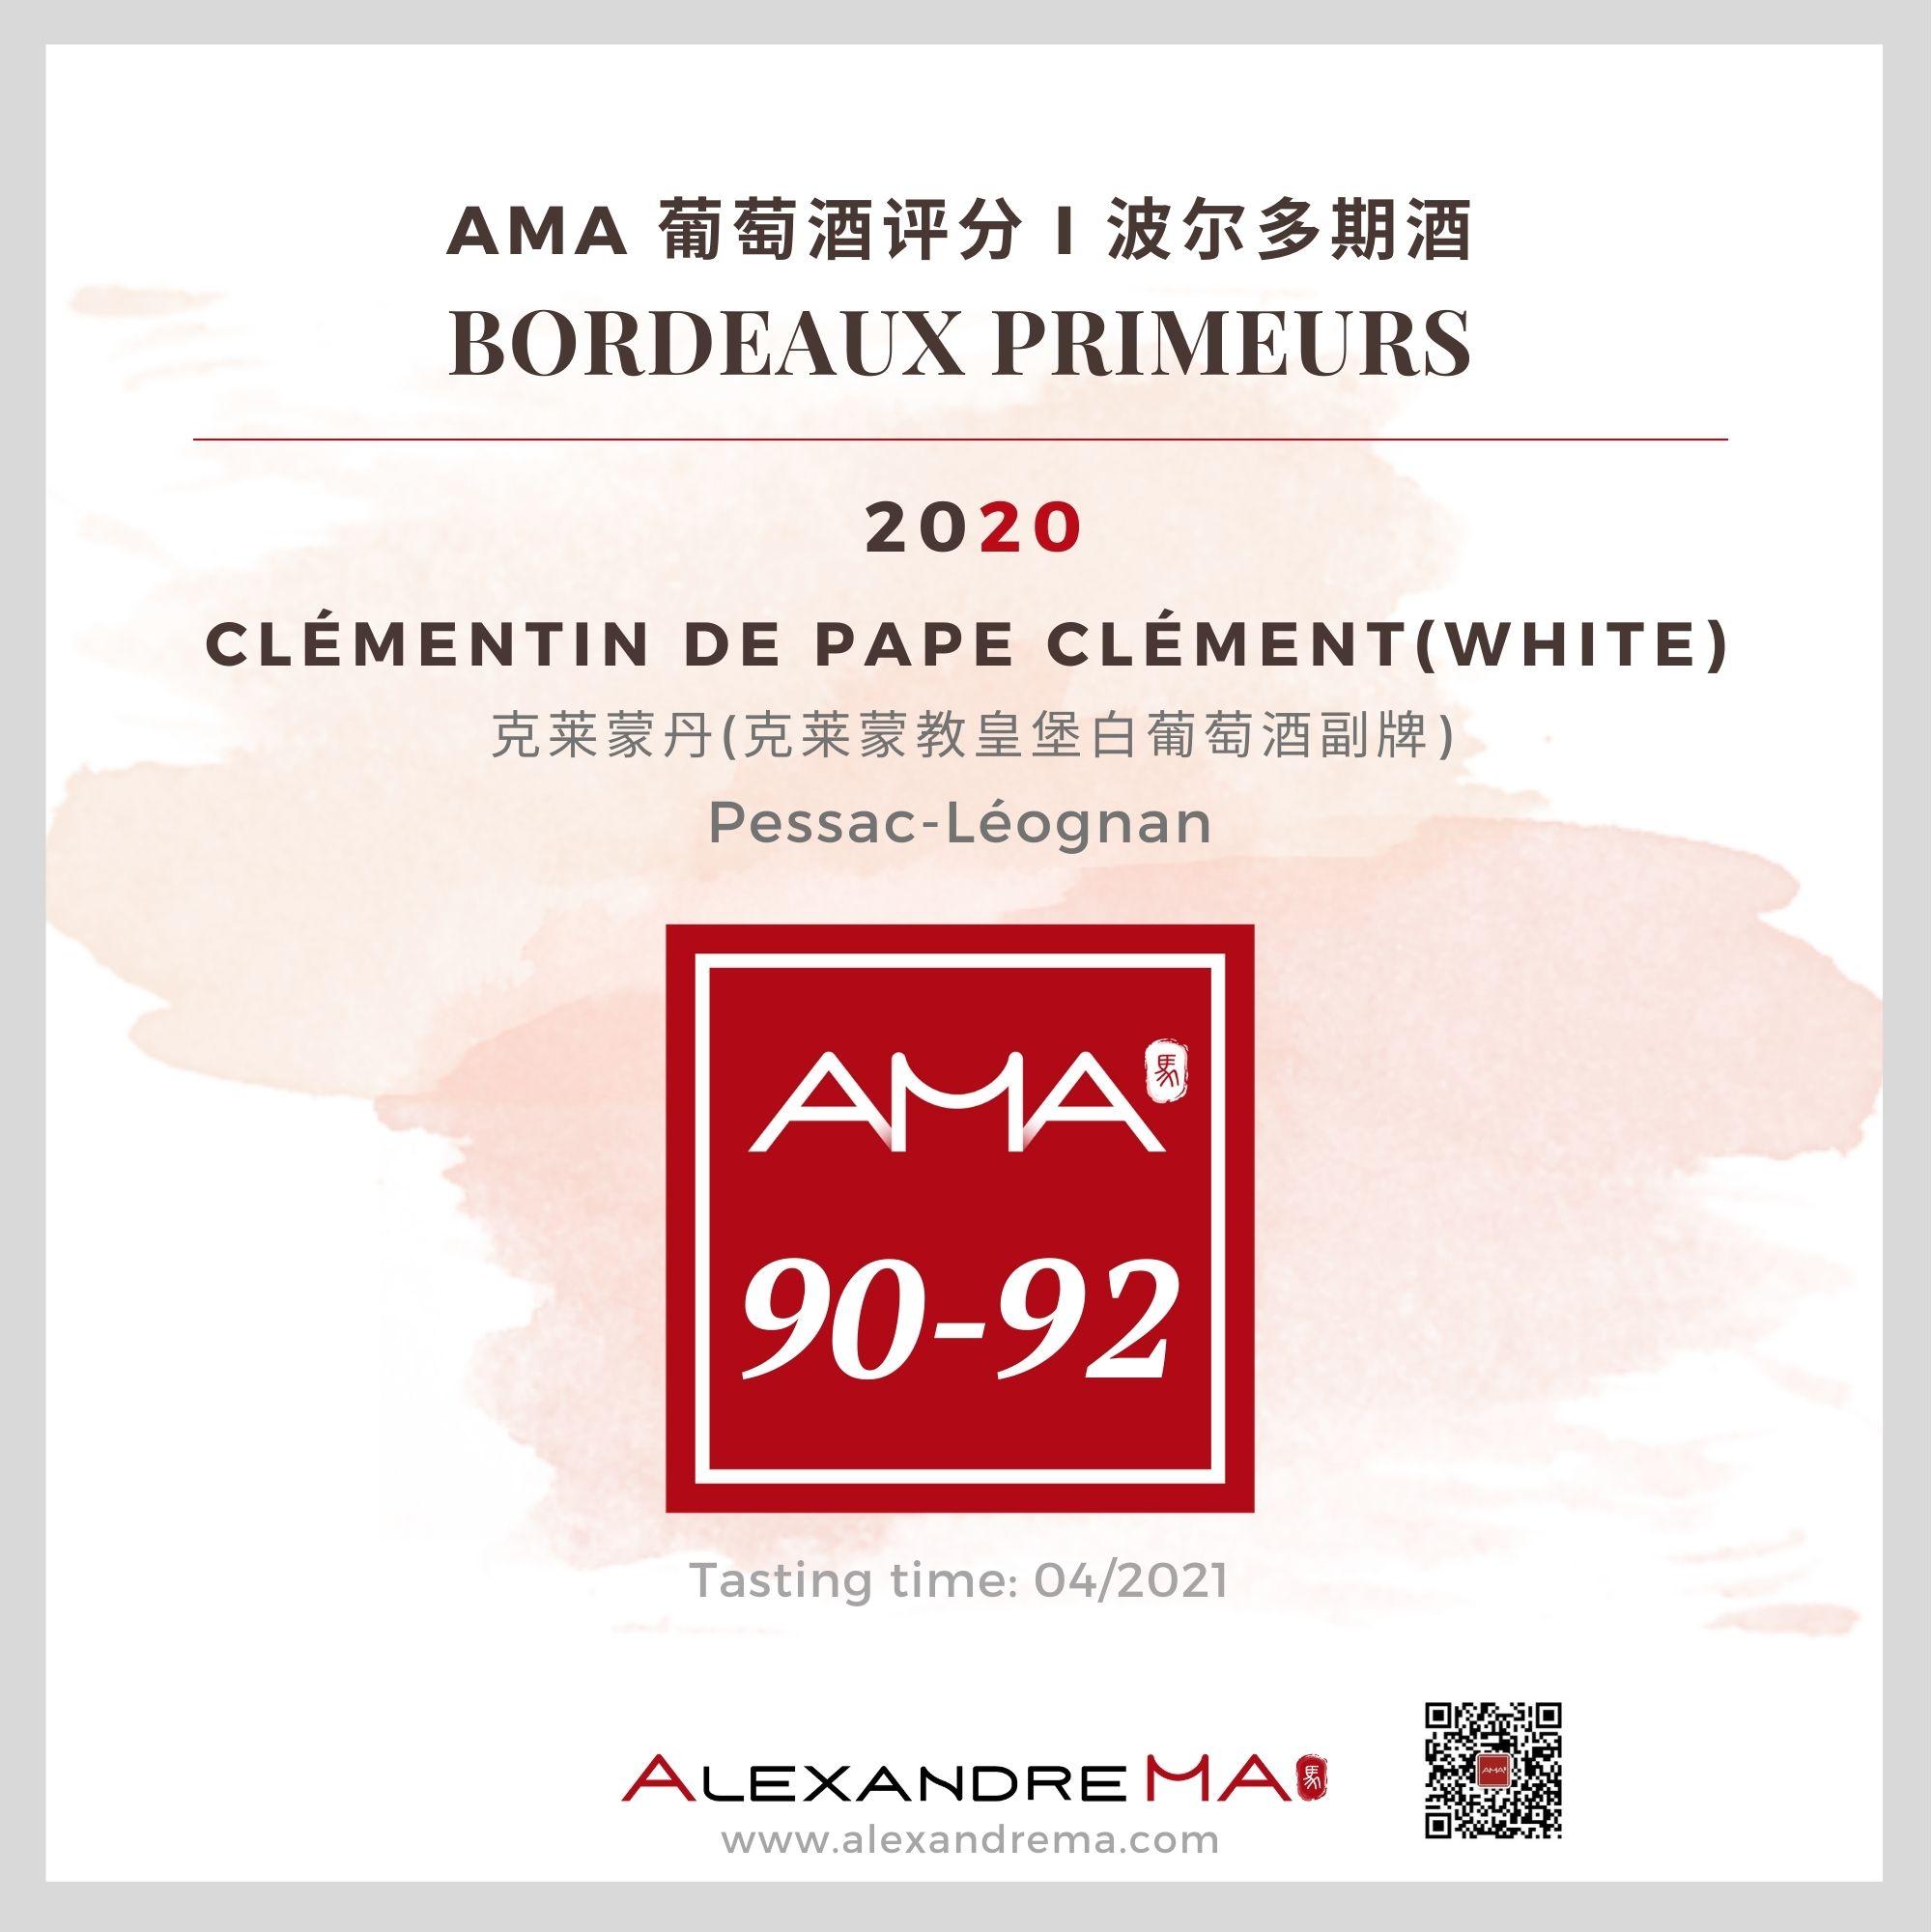 Château Pape Clément – Clémentin de Pape Clément White 2020 - Alexandre MA